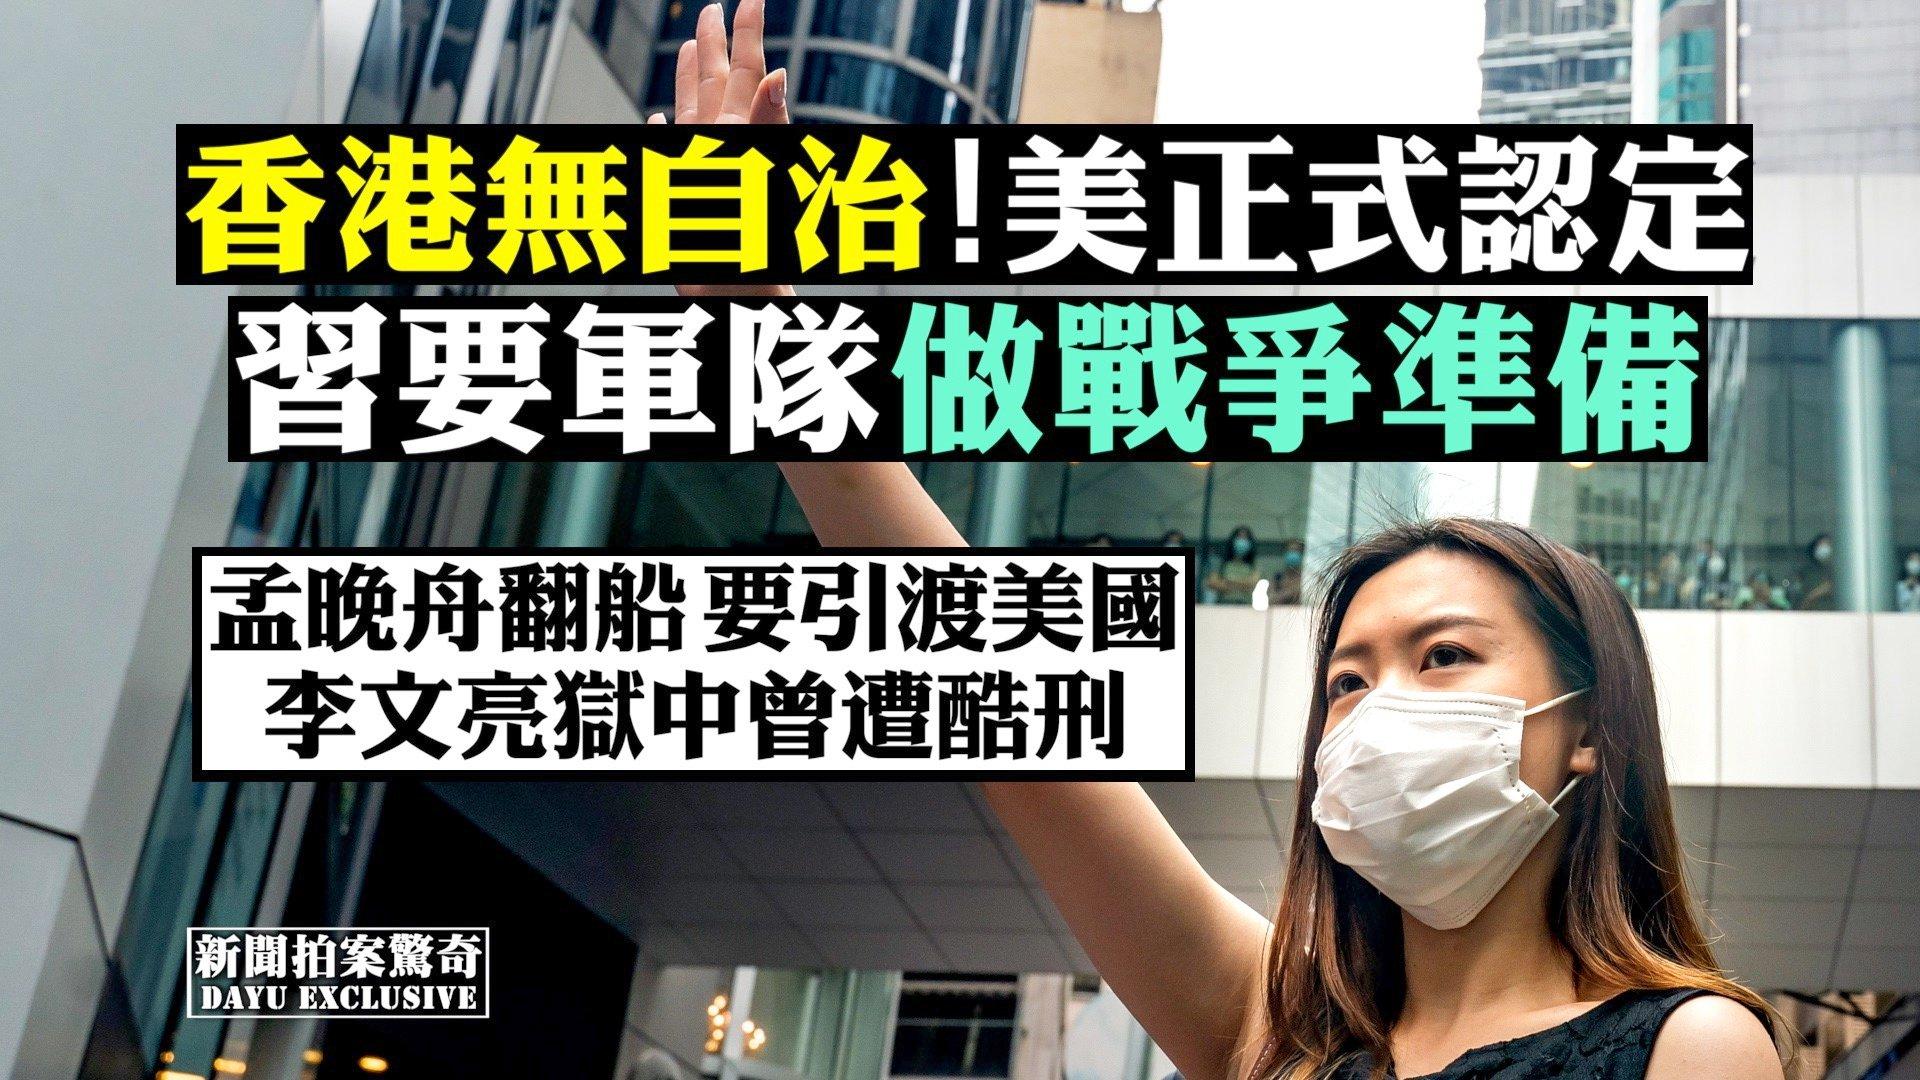 2020.5.27港人艱難抗爭。美國國務卿蓬佩奧宣佈,香港沒有高度自治。(新唐人合成)